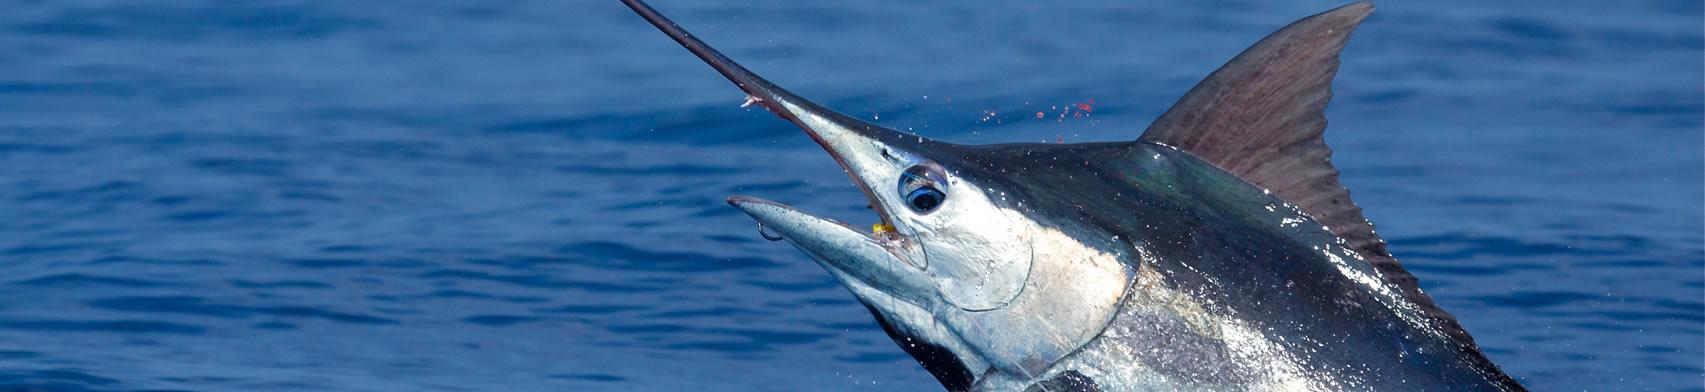 10_deep_sea_fishing